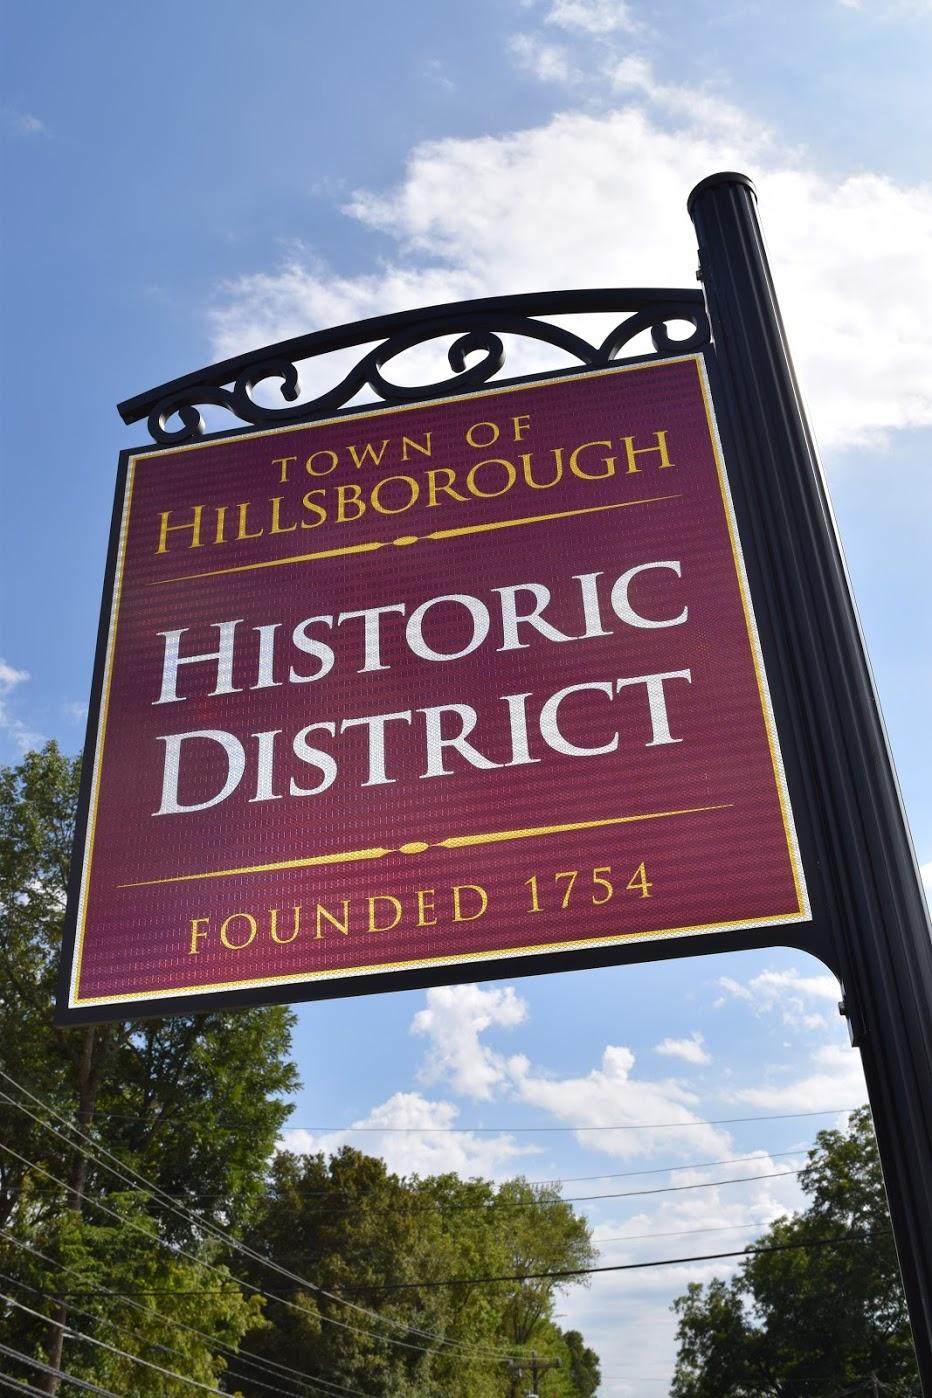 Hillsborough2.jpg